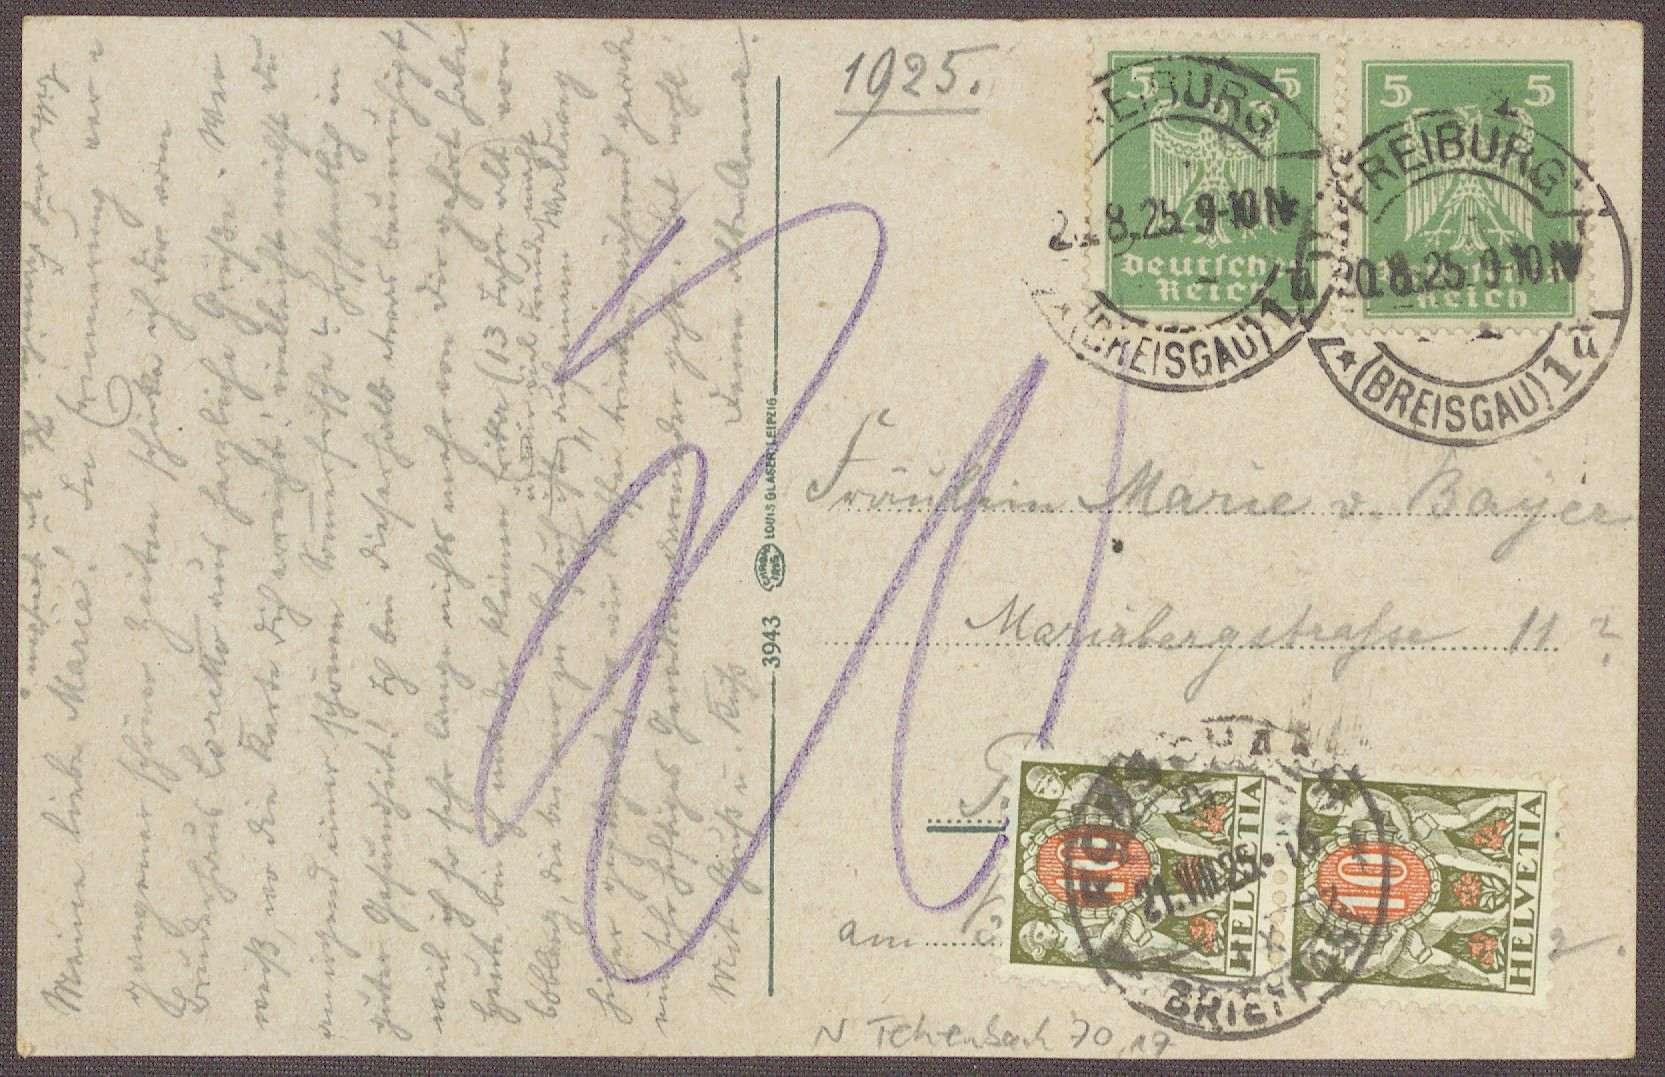 Postkarte an Marie von Bayer, Rorschach, Bild 1